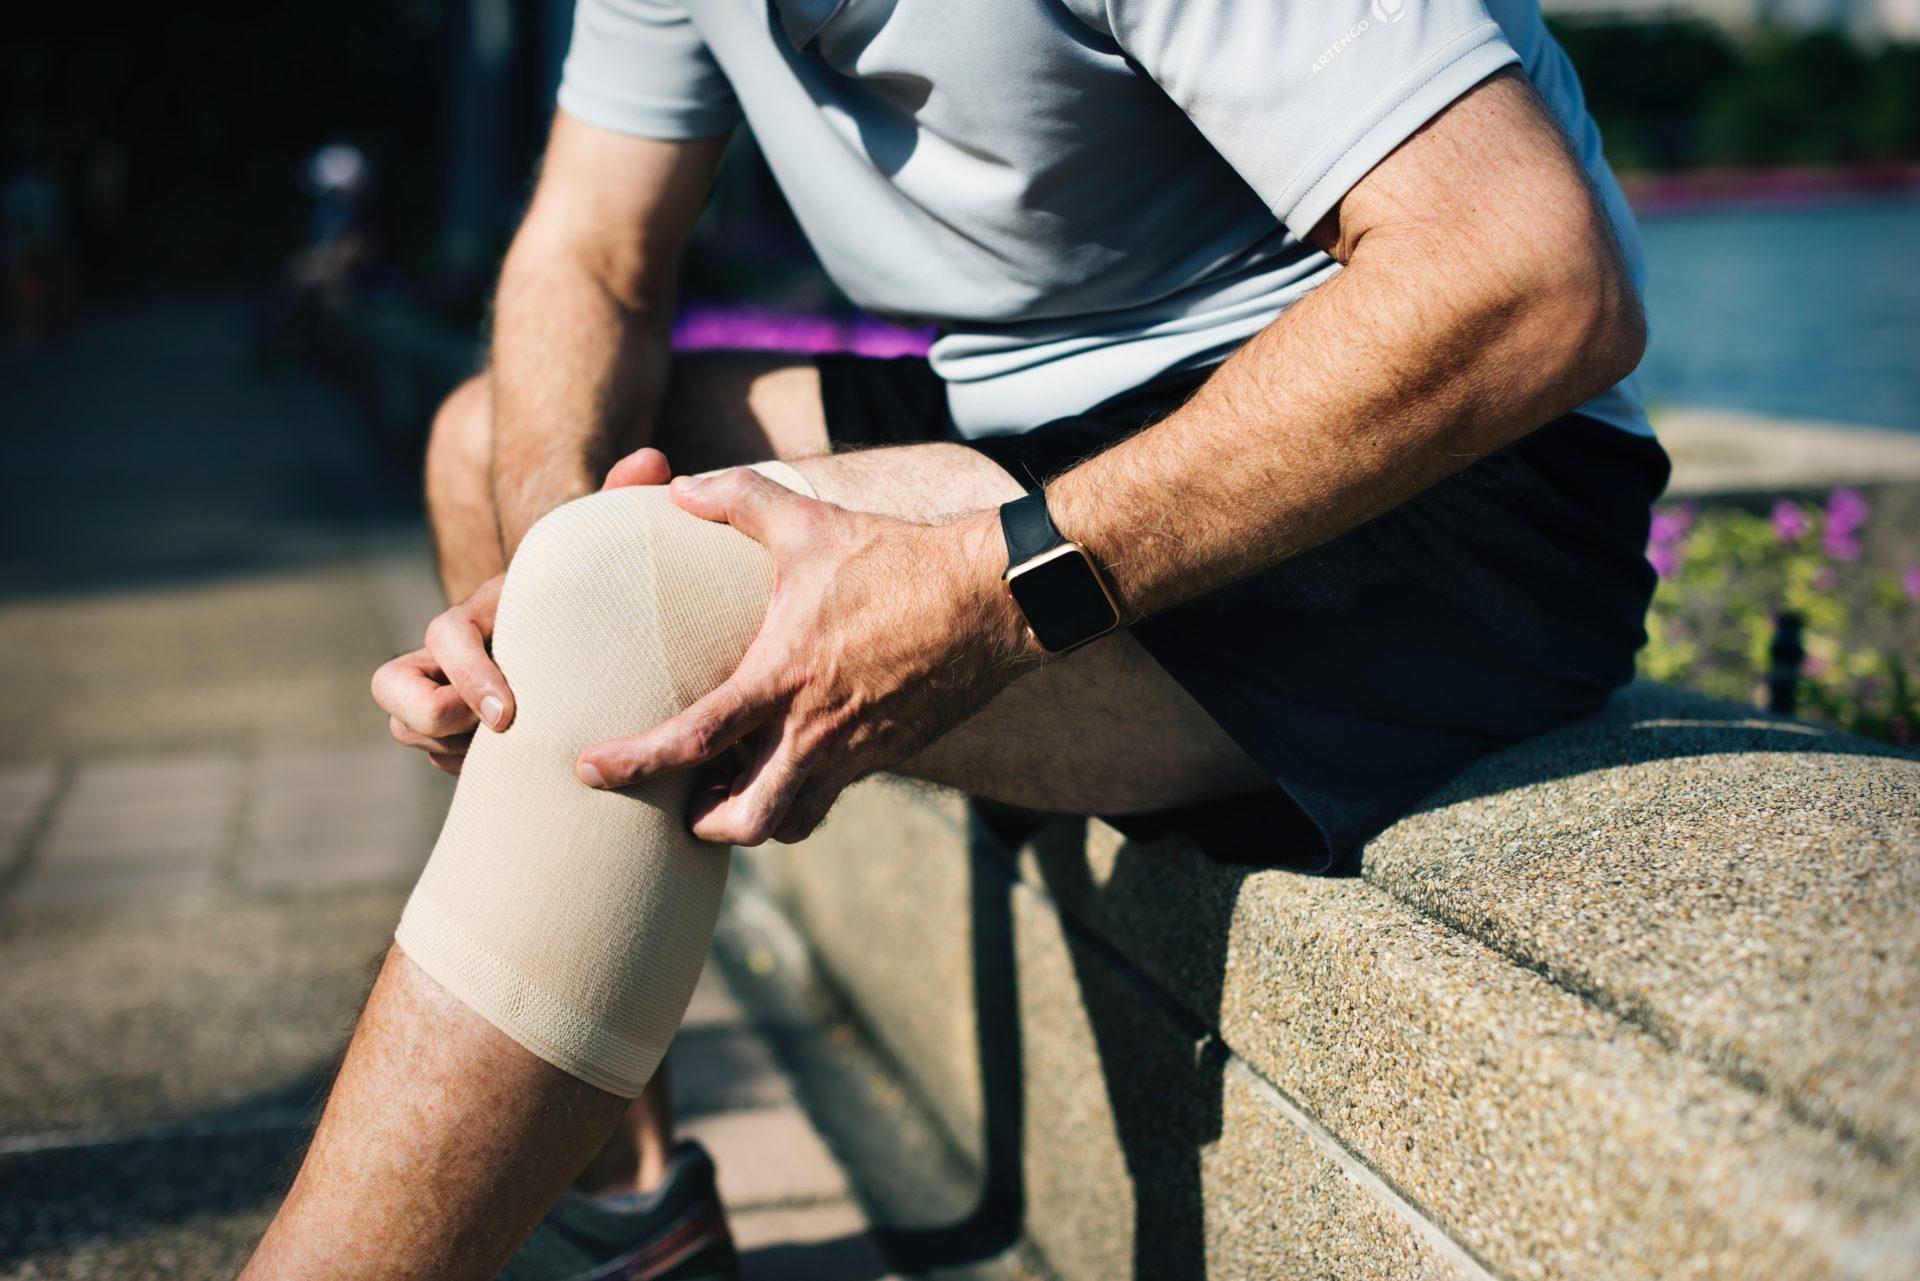 腱 テーピング 膝蓋 炎